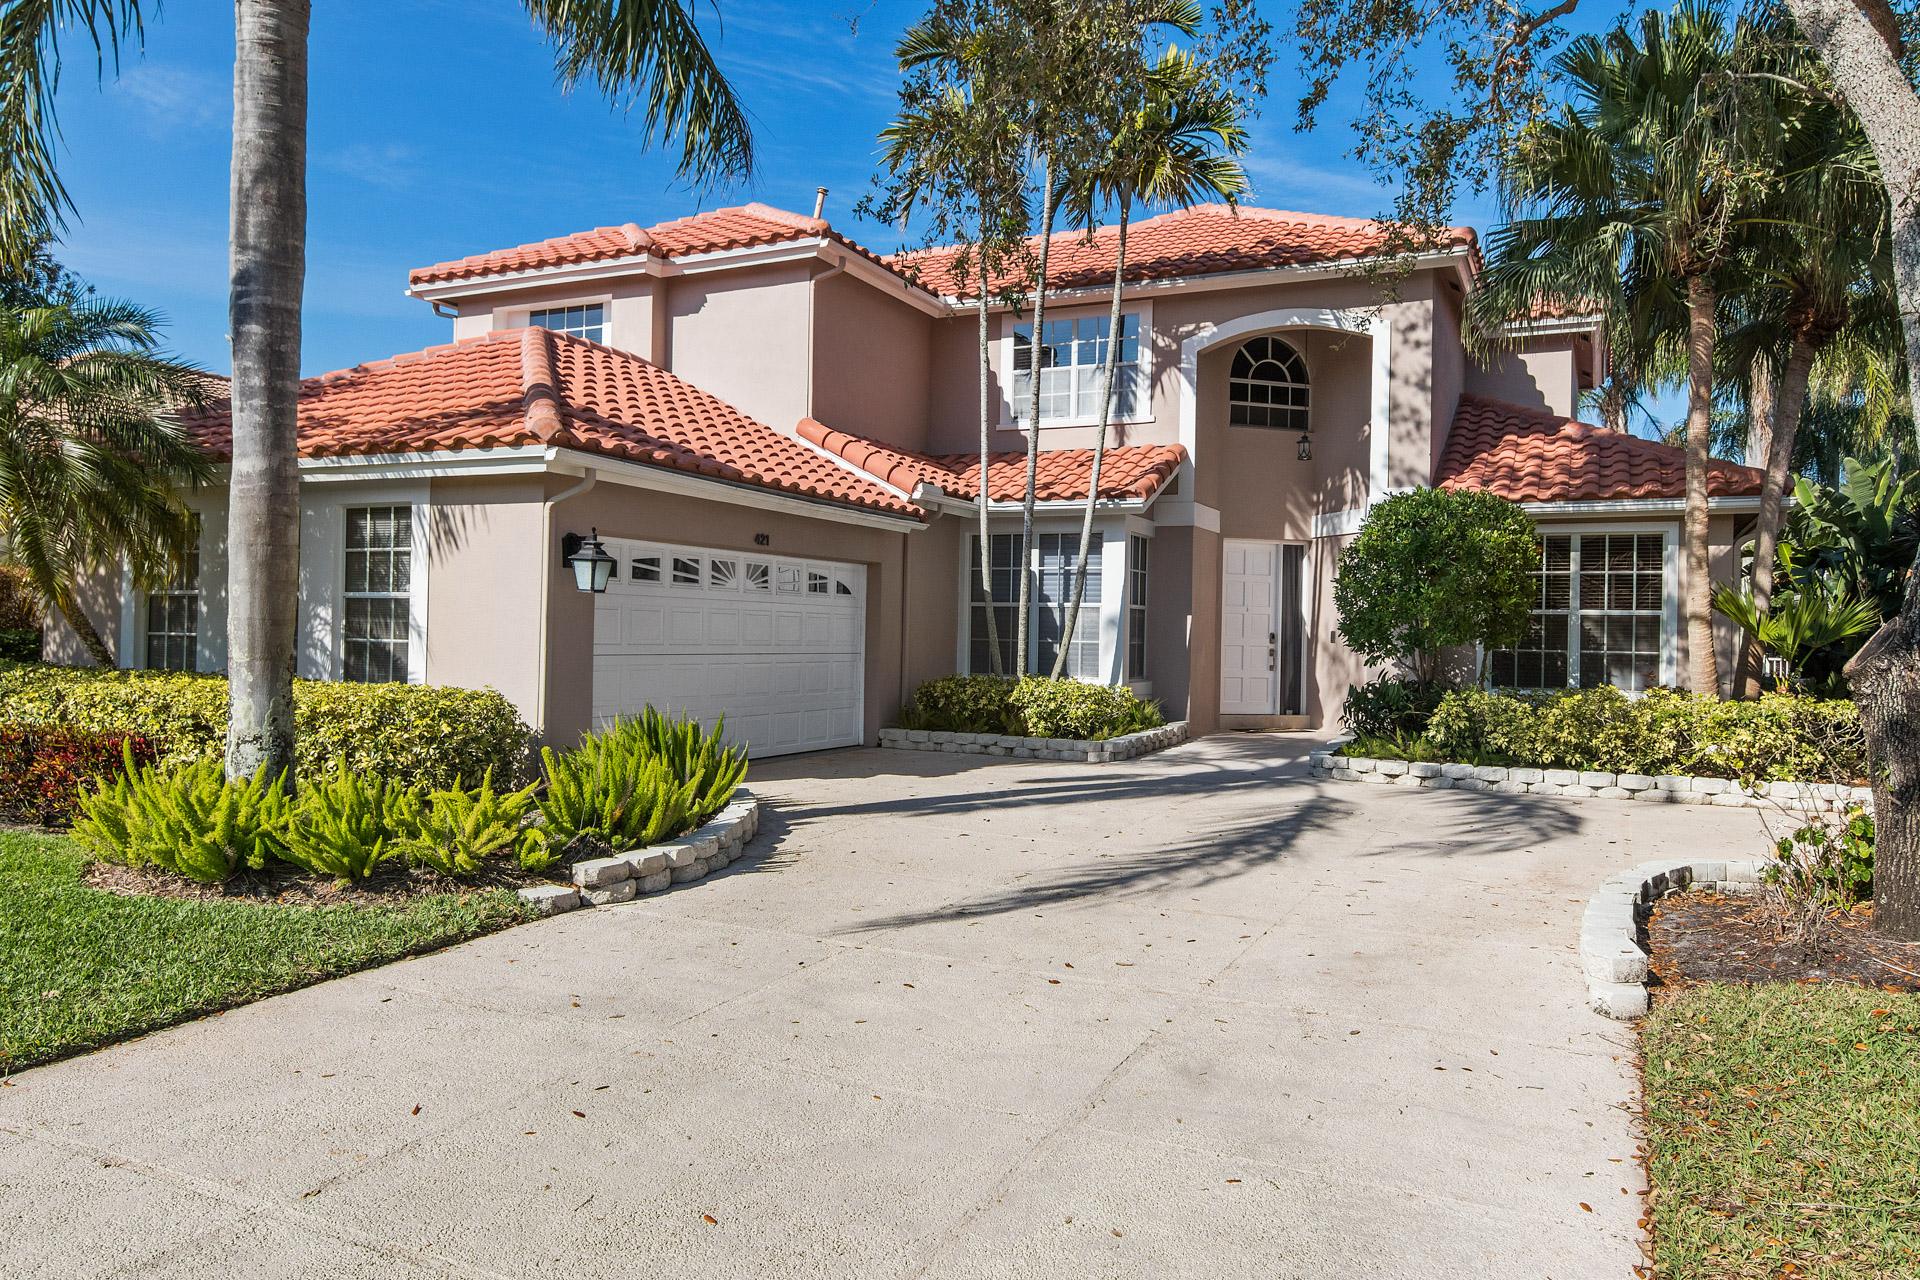 独户住宅 为 销售 在 421 Eagleton Cove Way 棕榈滩花园, 佛罗里达州, 33418 美国